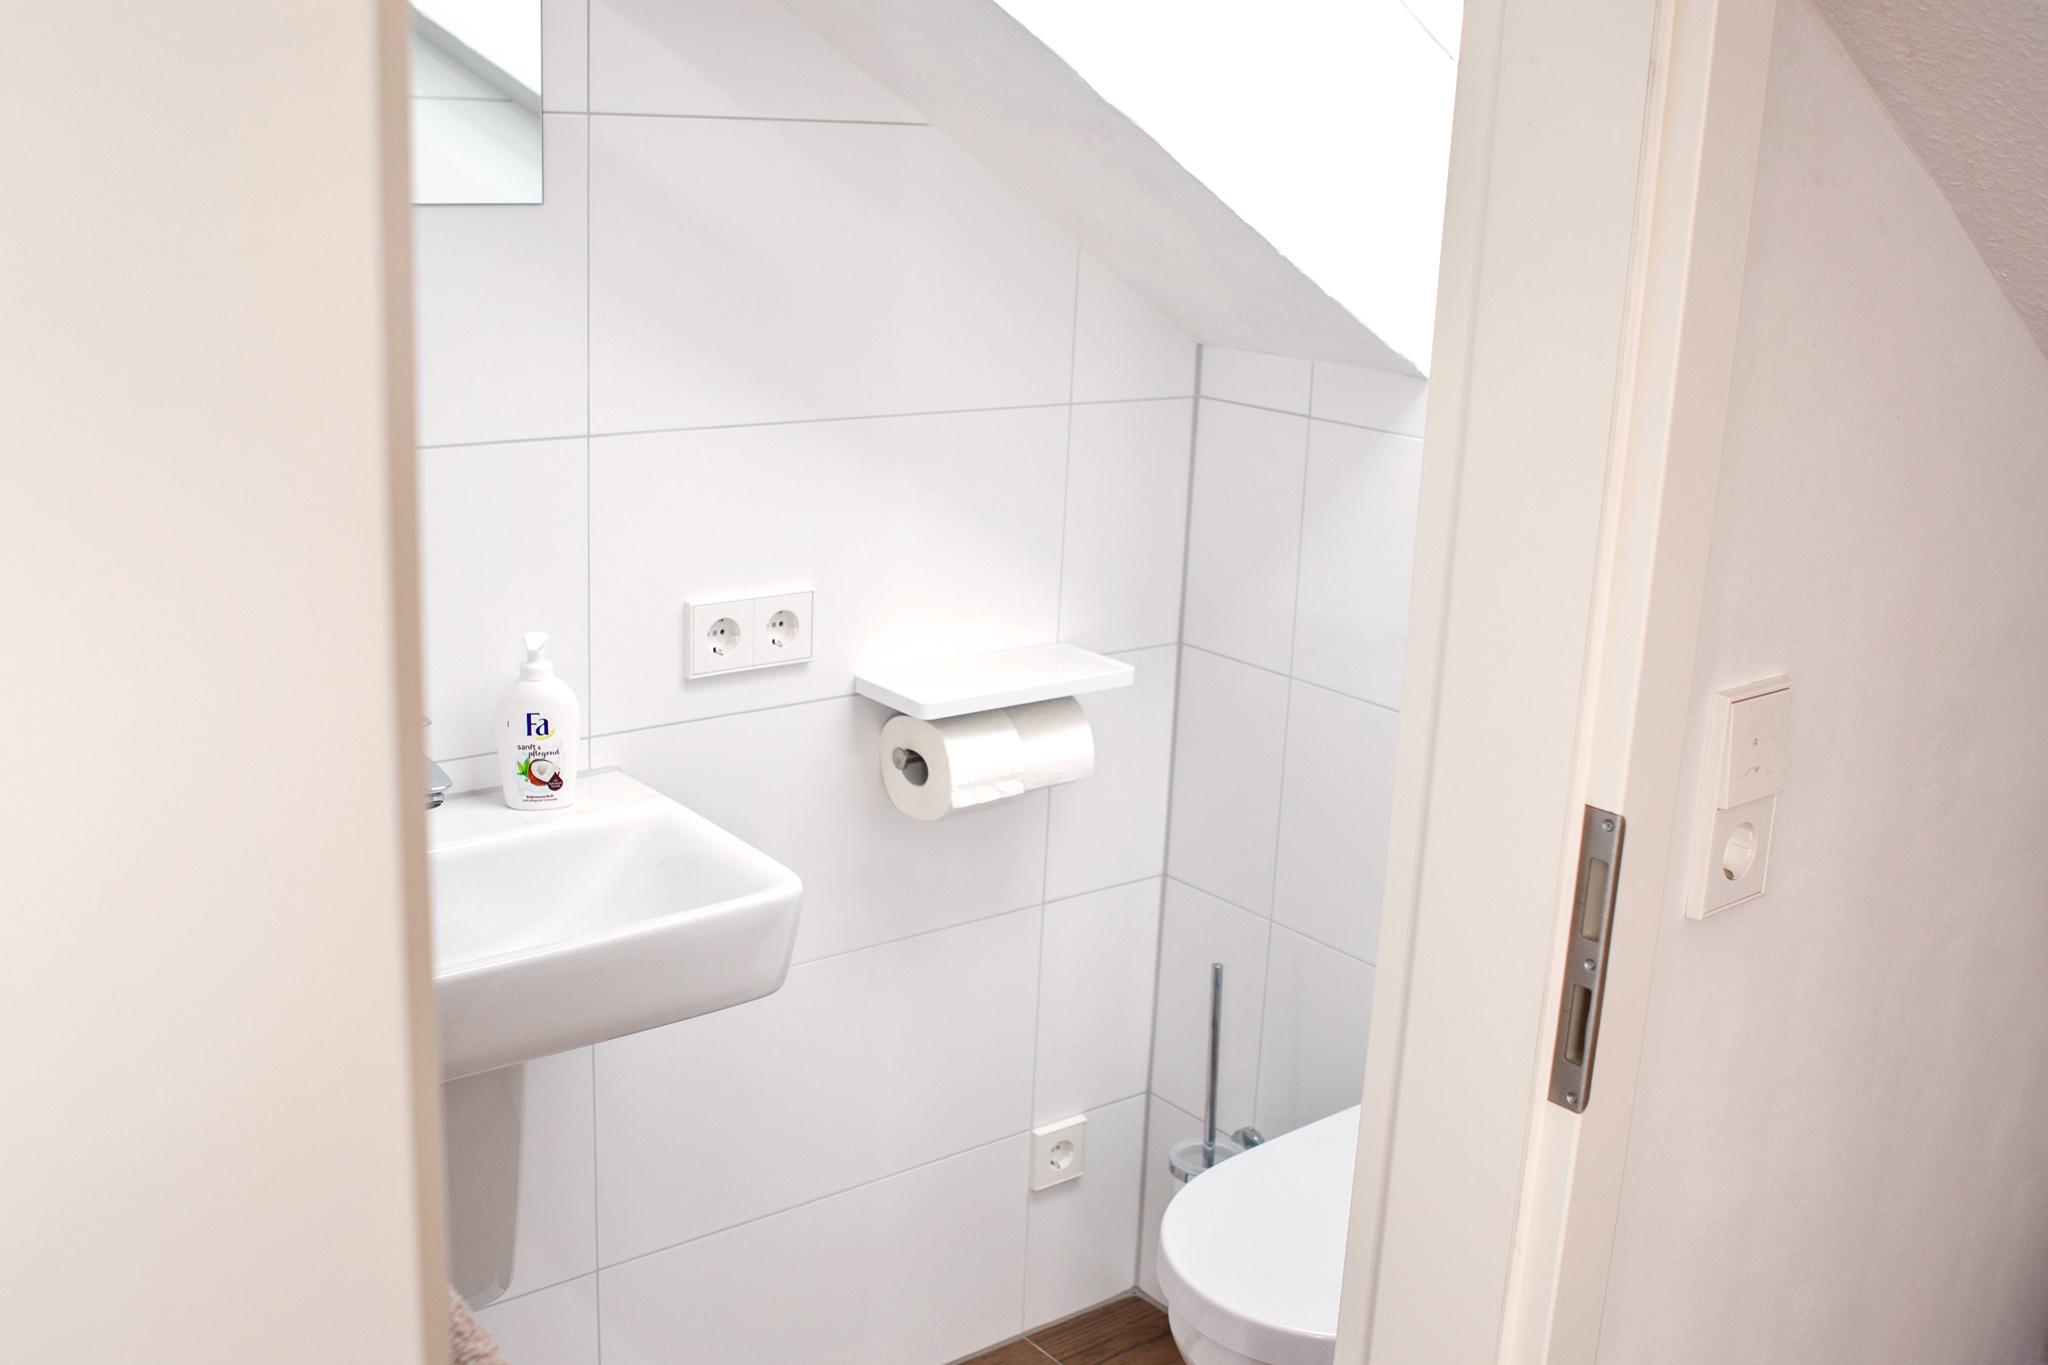 Das Gäste-WC im Apartment.